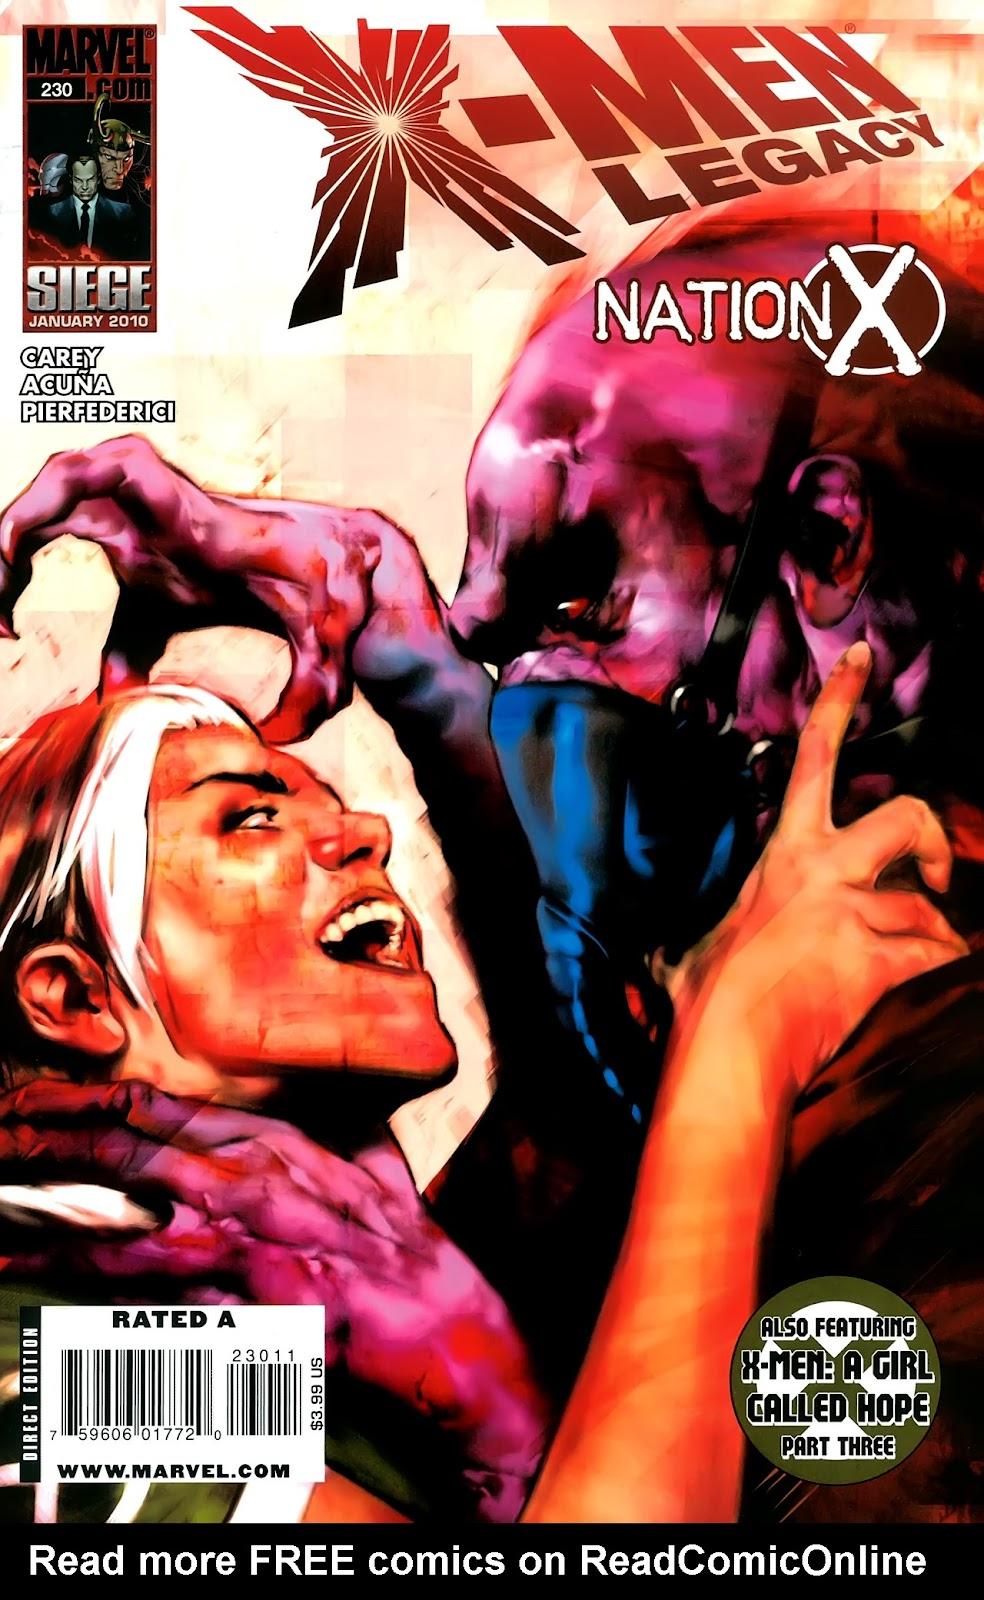 X-Men Legacy (2008) 230 Page 1